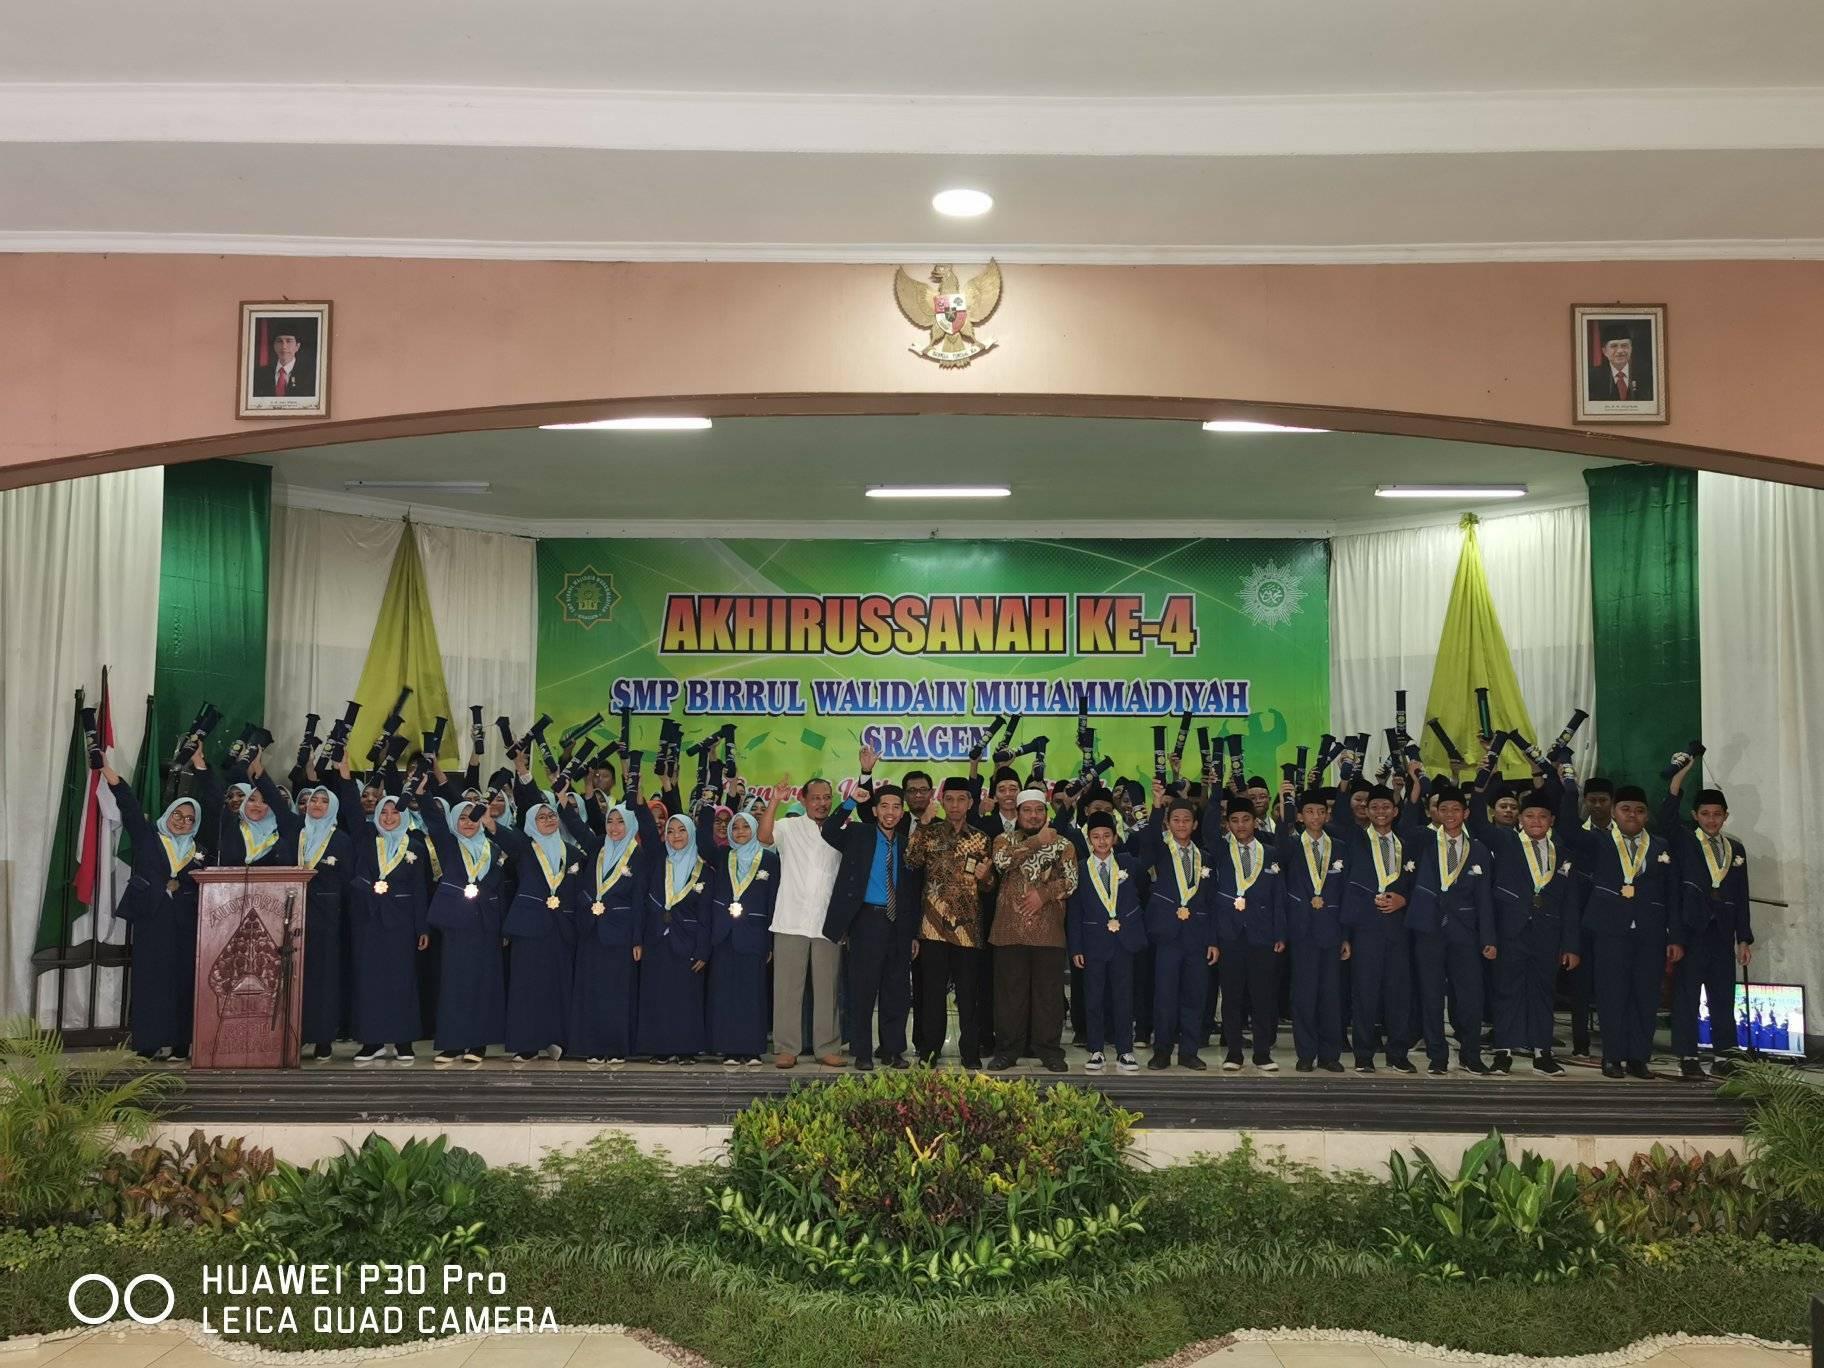 Akhirussanah Ke-4 SMP Birrul Walidain Muhammadiyah Sragen